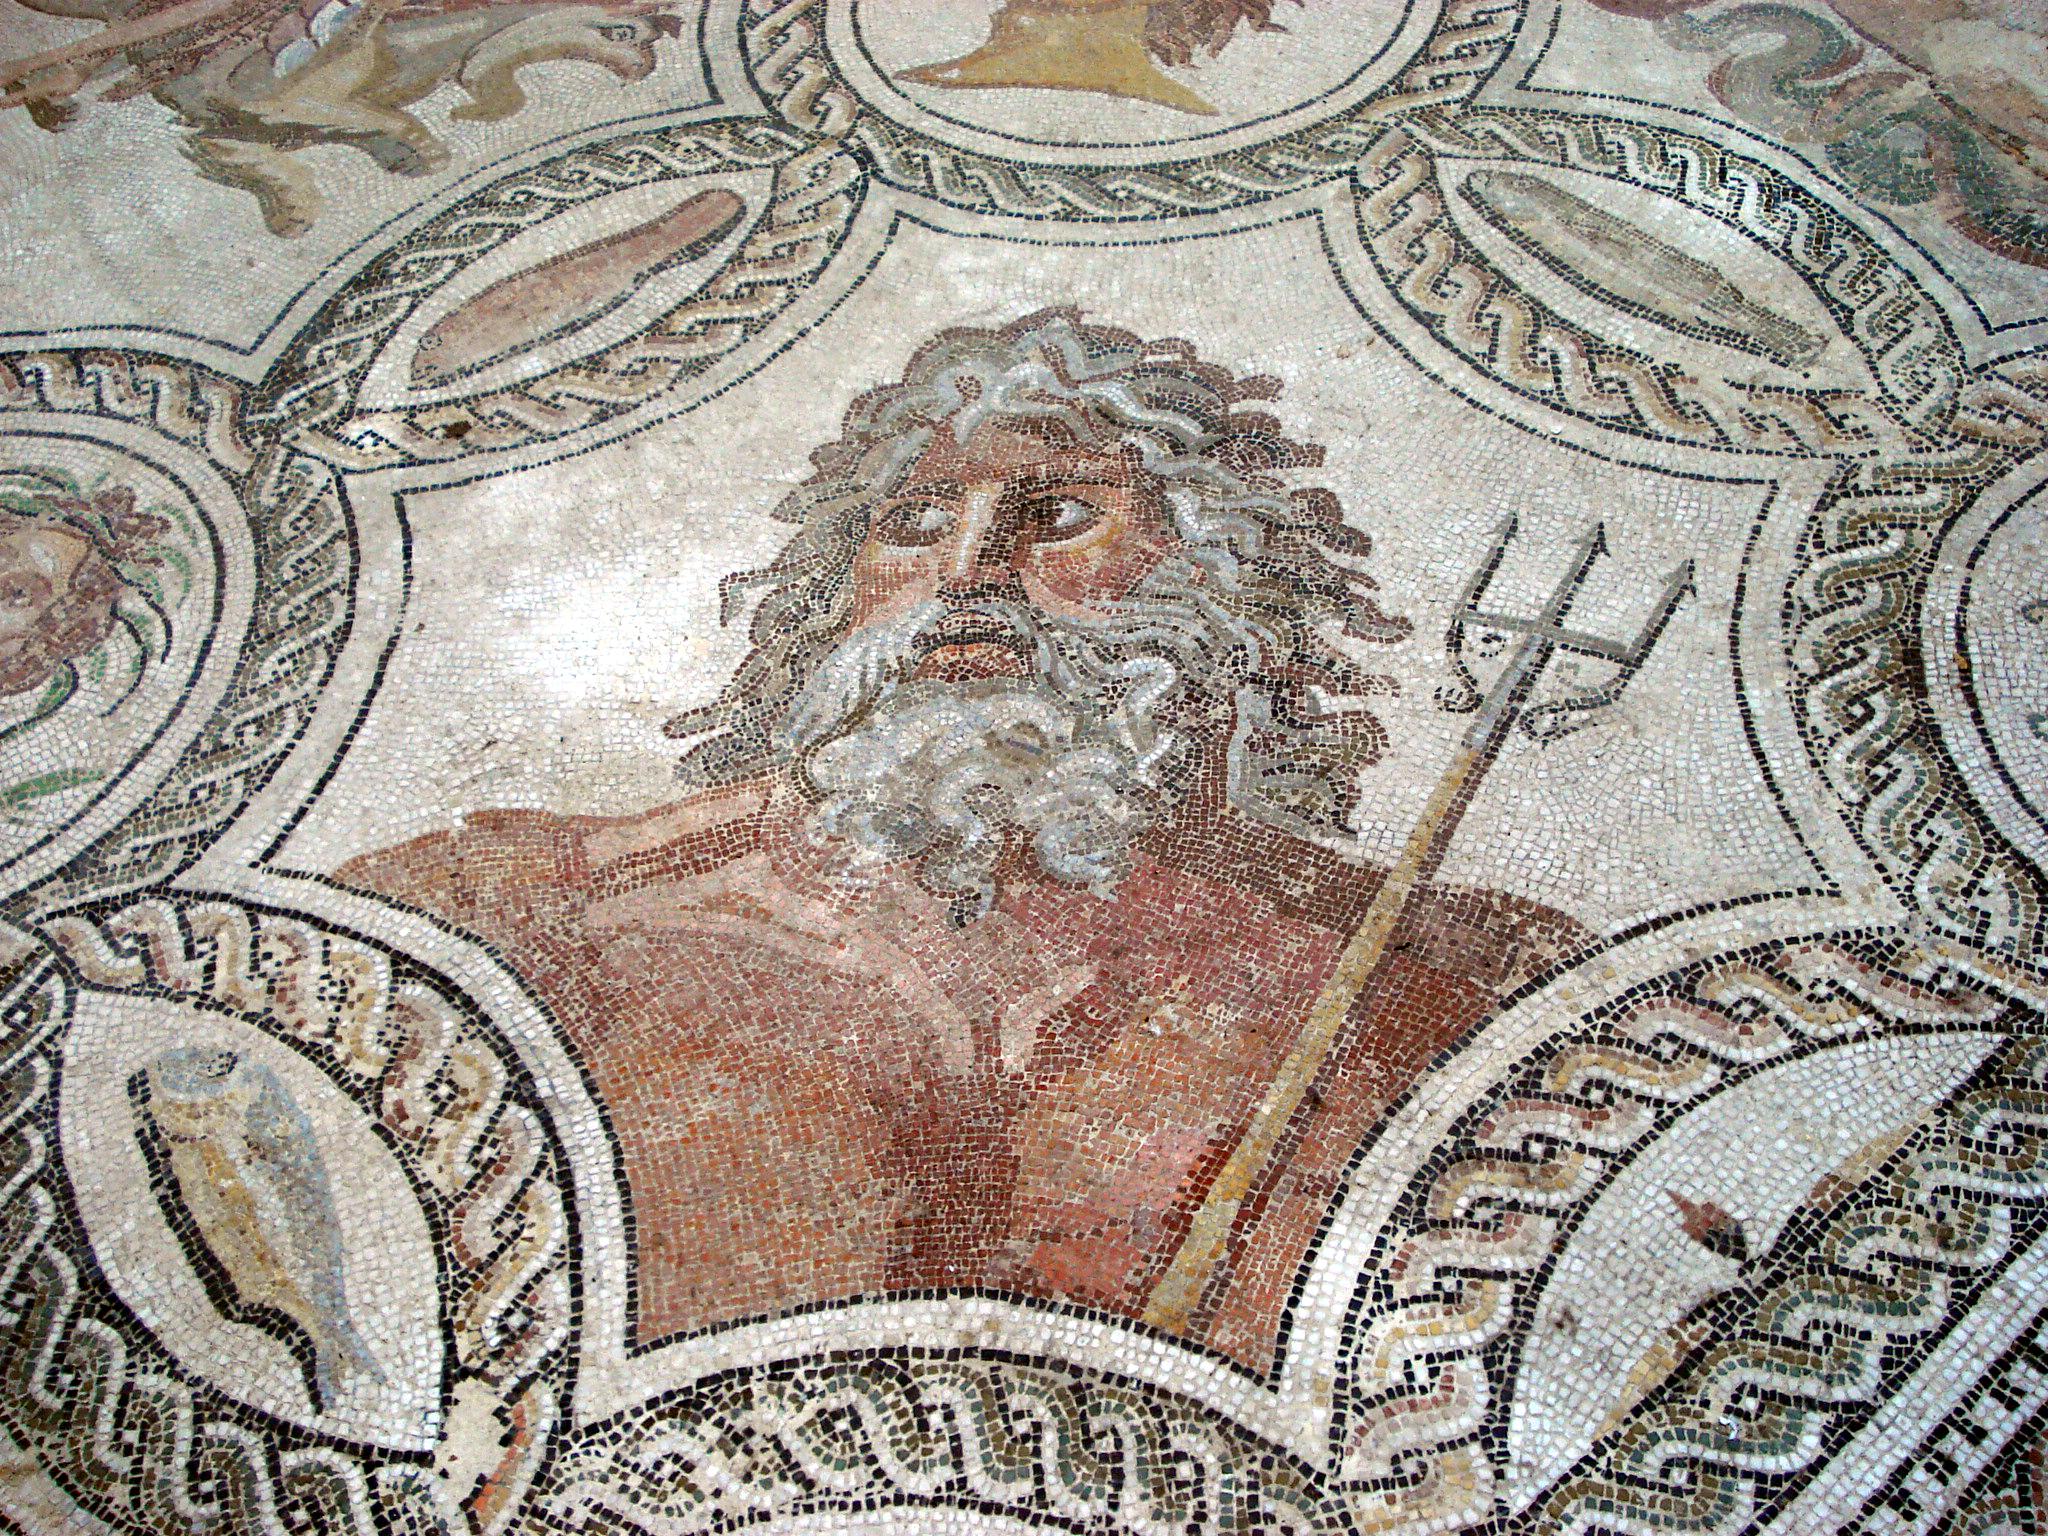 DSC00363 - Mosaico delle stagioni (epoca romana) - Foto G. Dall'Orto.jpg